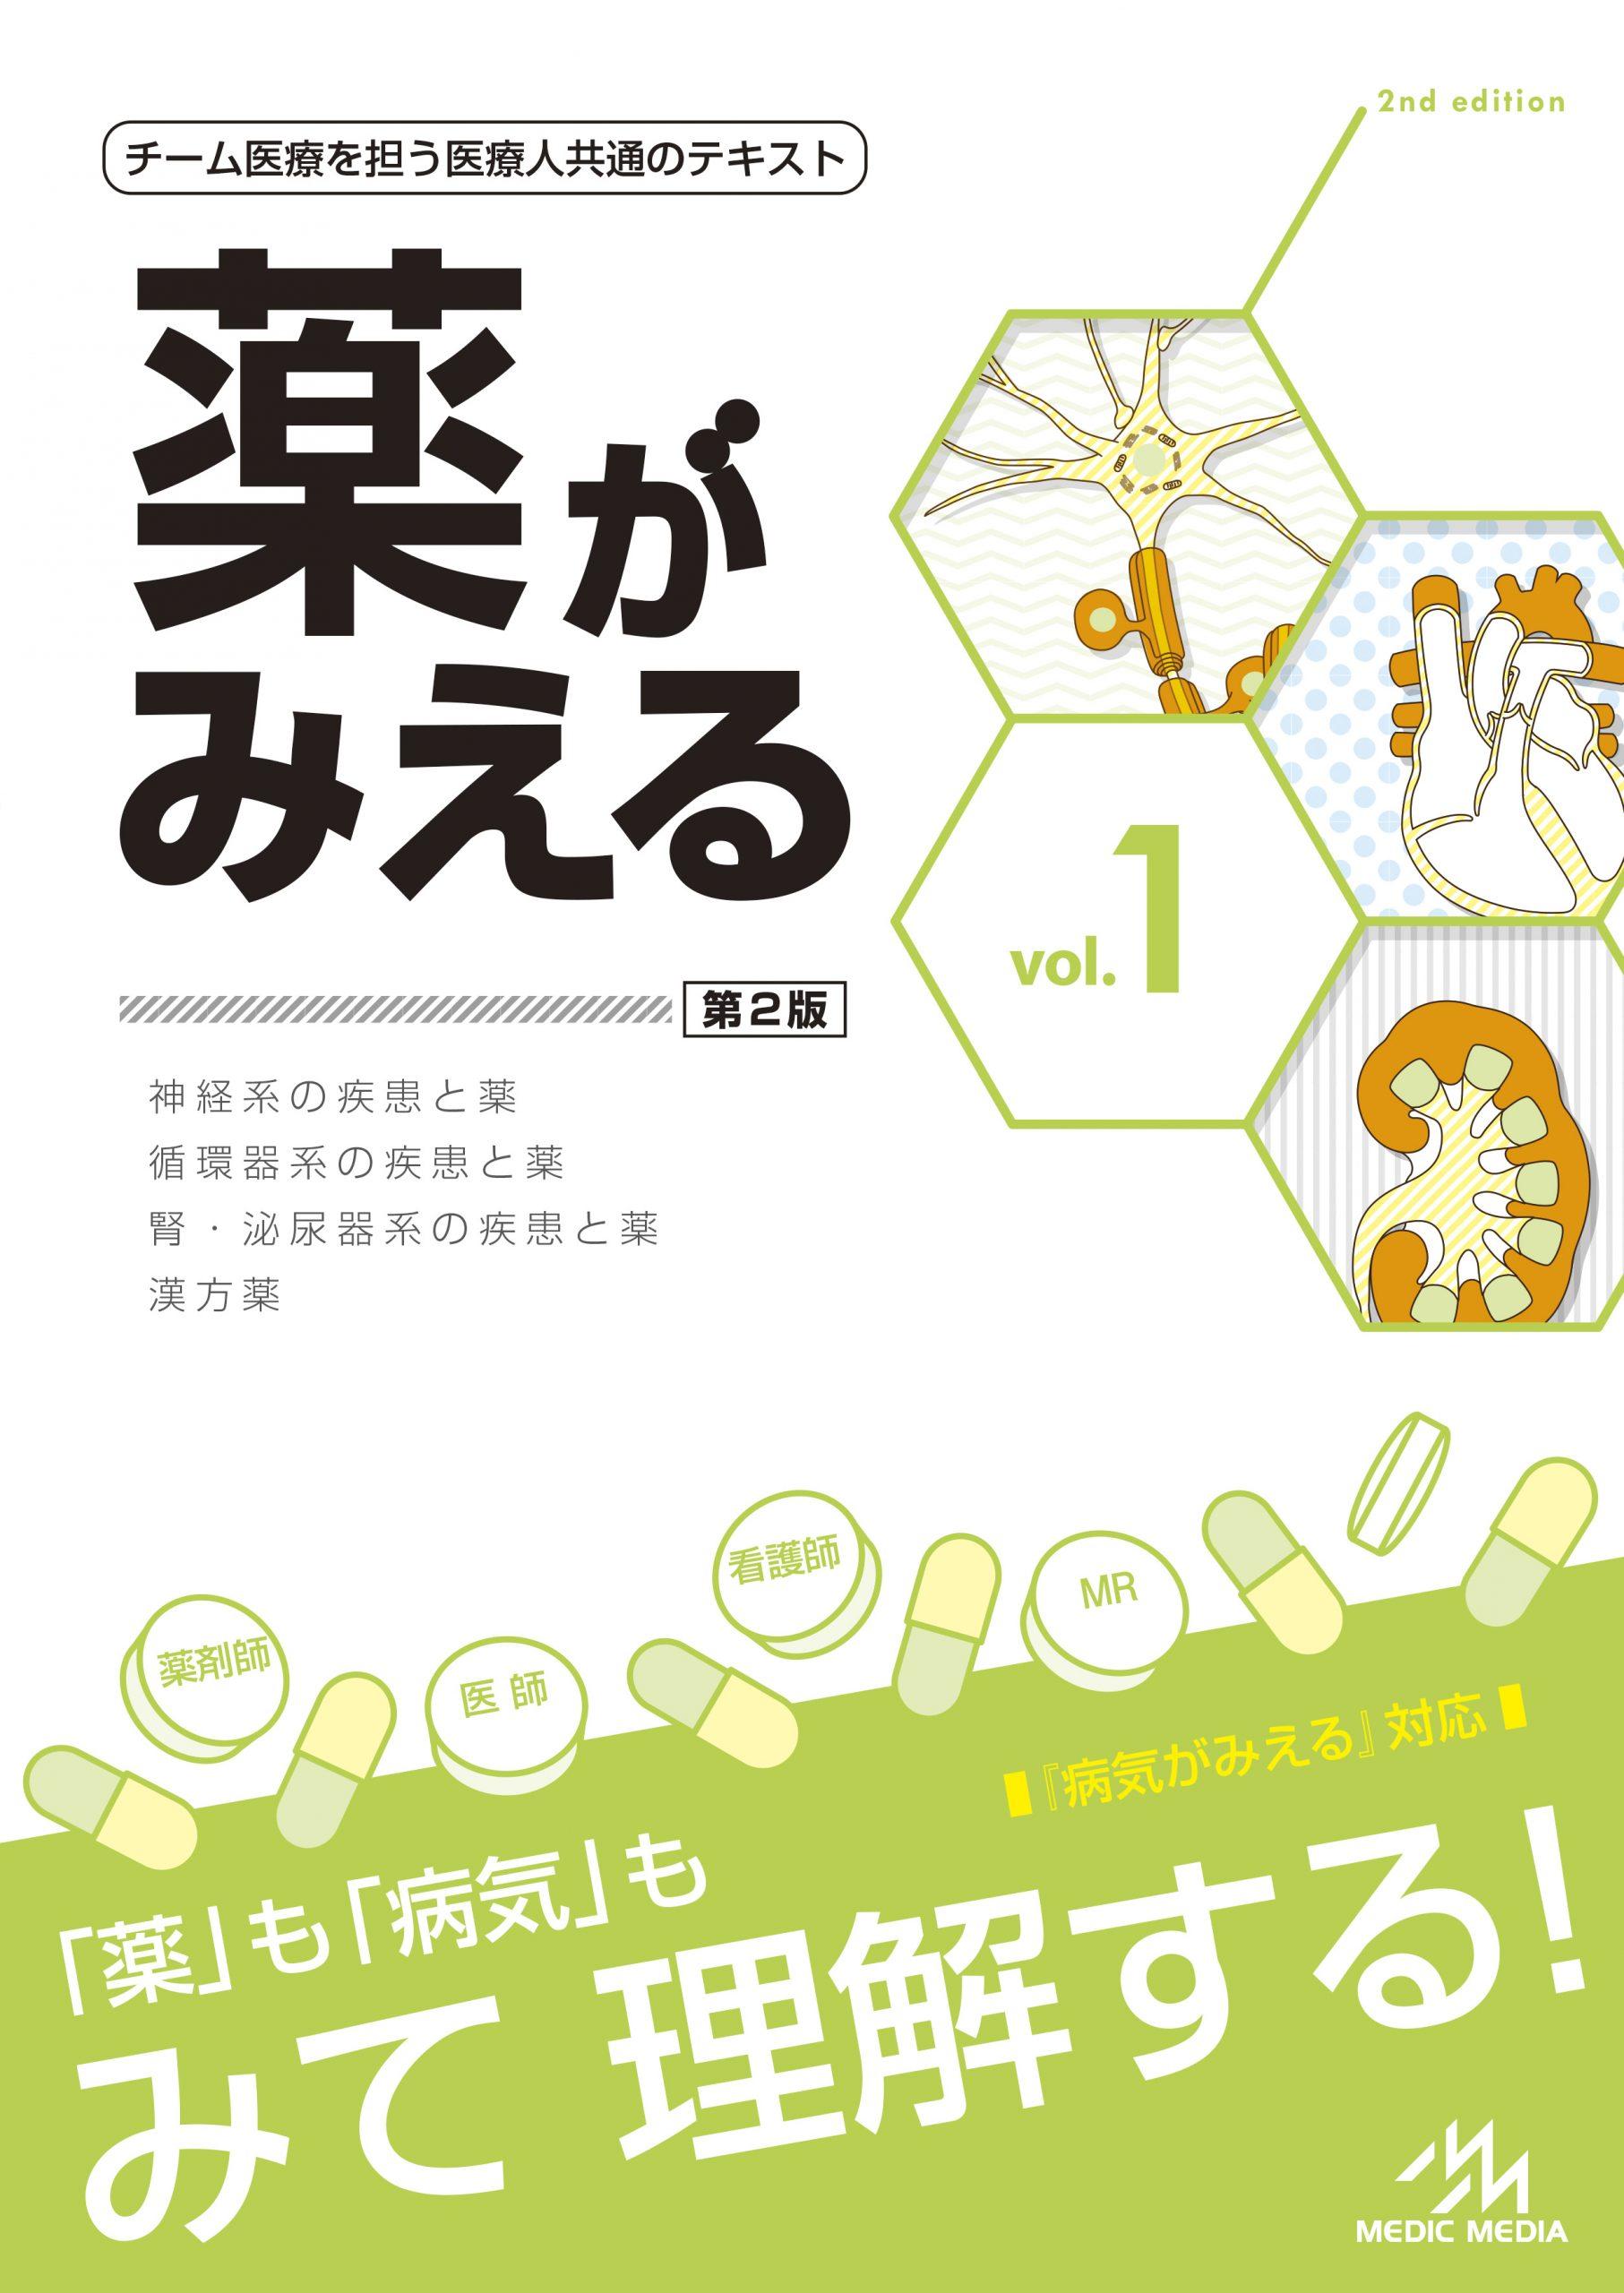 「薬がみえるvol.1(第2版)」4月14日発売!立ち読み公開中!